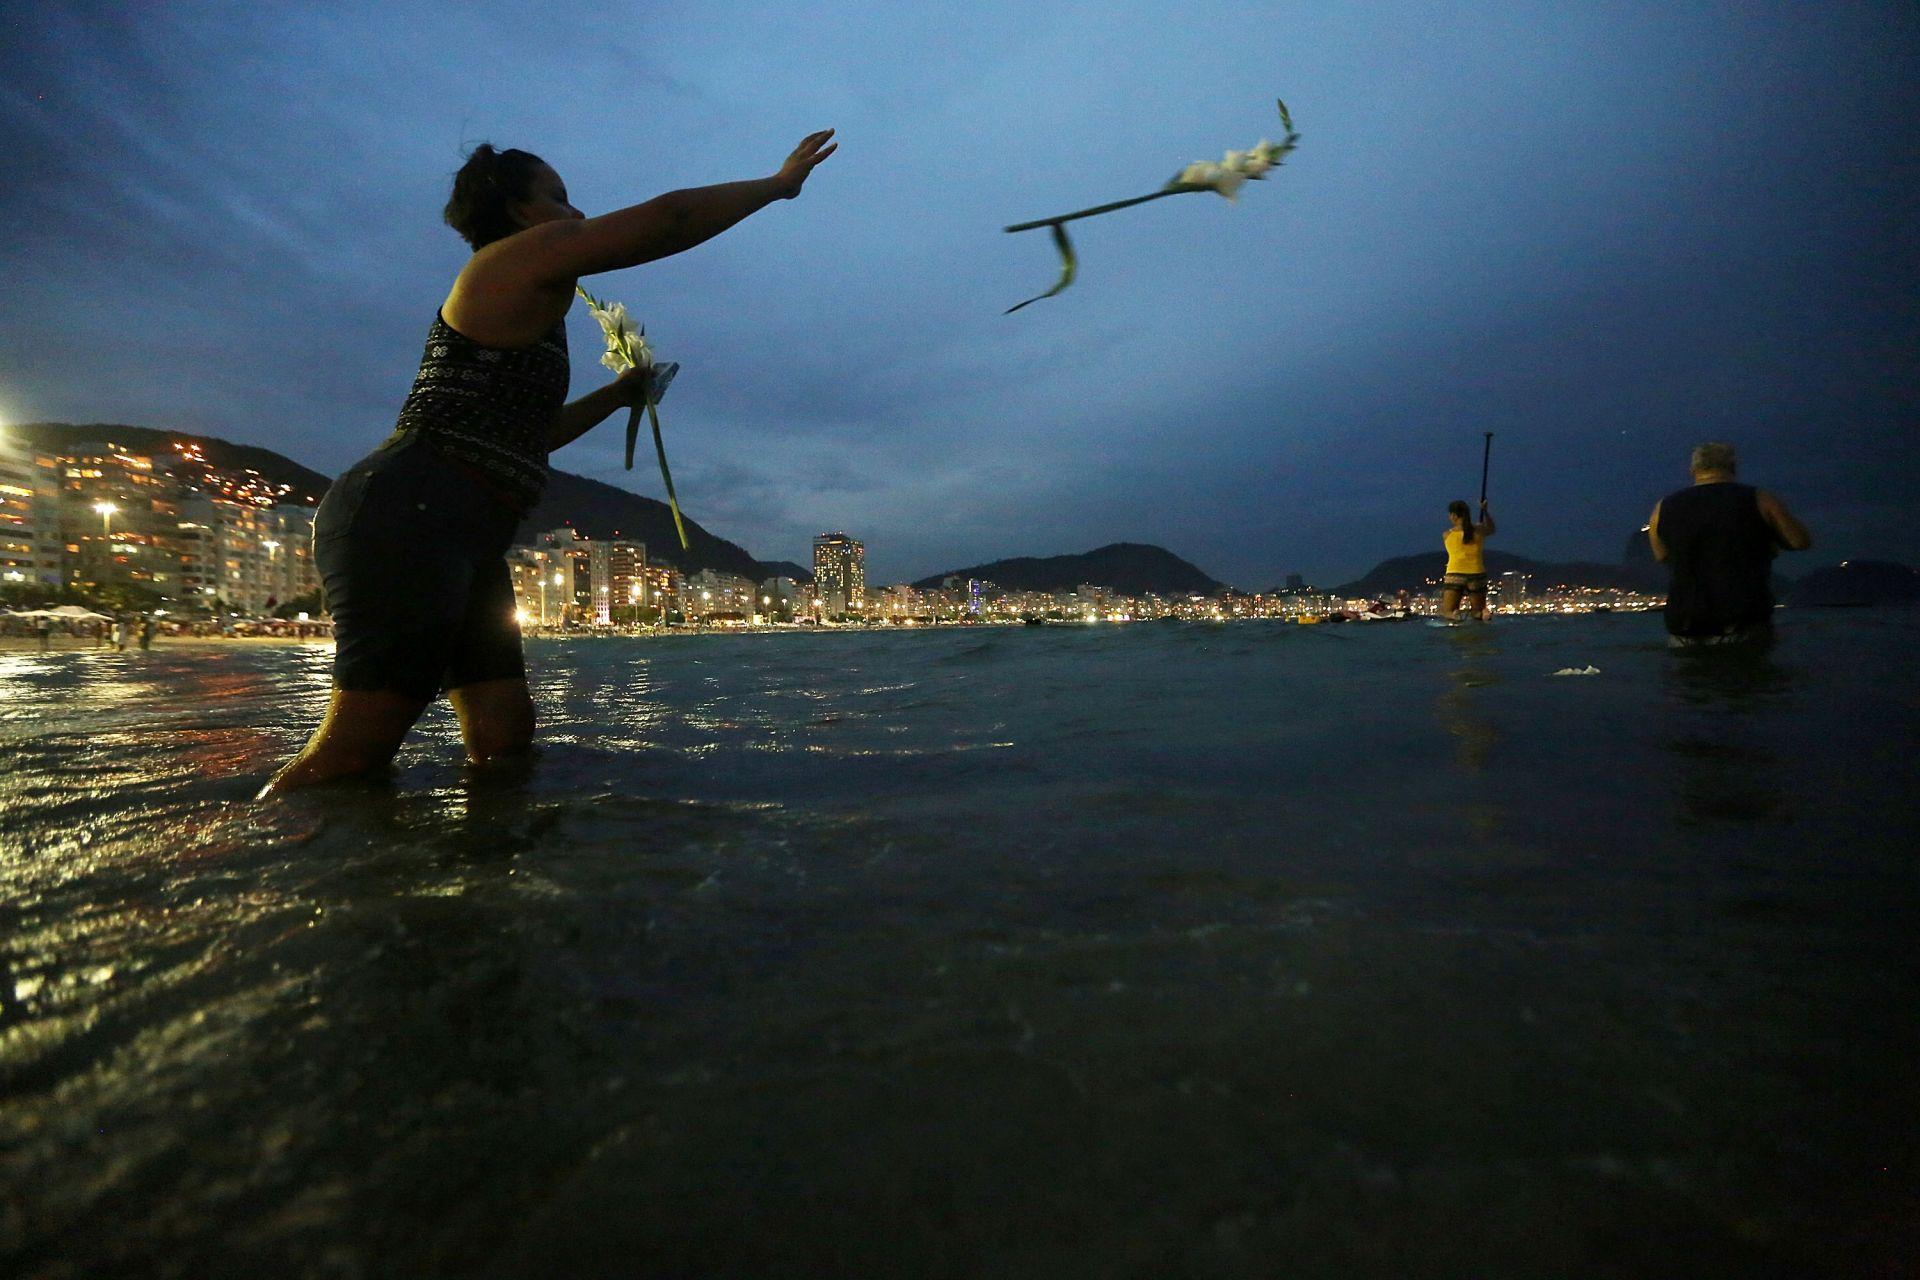 В Бразилия хвърлят цветя в океана в чест на бразилската морска богиня Йеманджа по време на новогодишните празници на плажа Копакабана